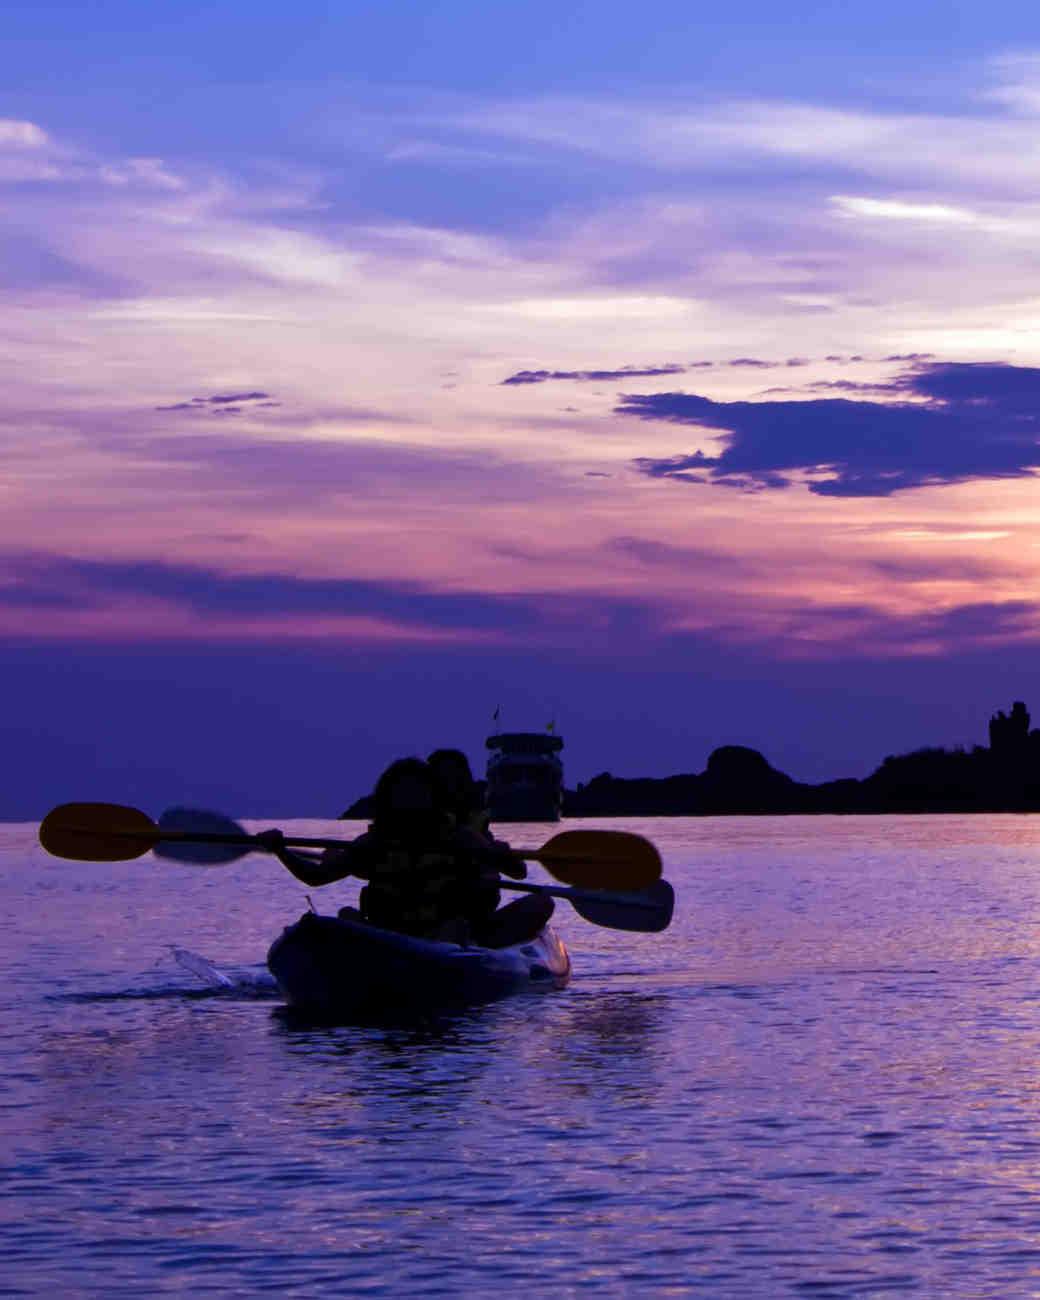 Night Kayaking in Puerto Rico